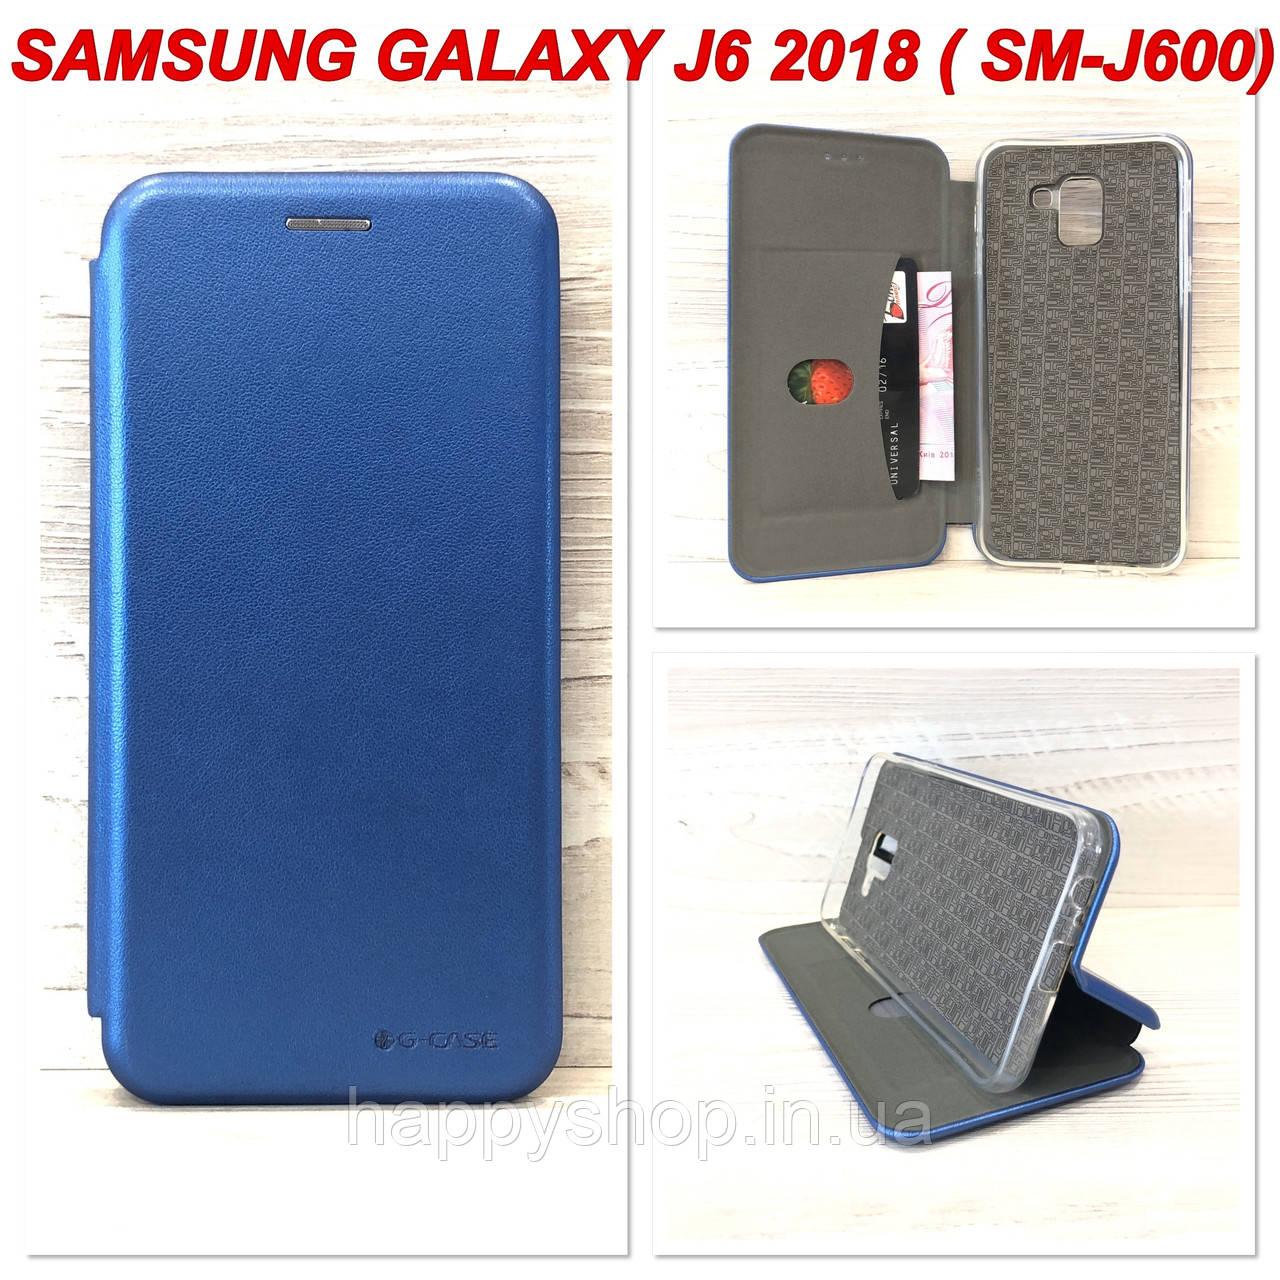 Чехол-книжка G-Case для Samsung Galaxy J6 2018 (SM-J600) Синий